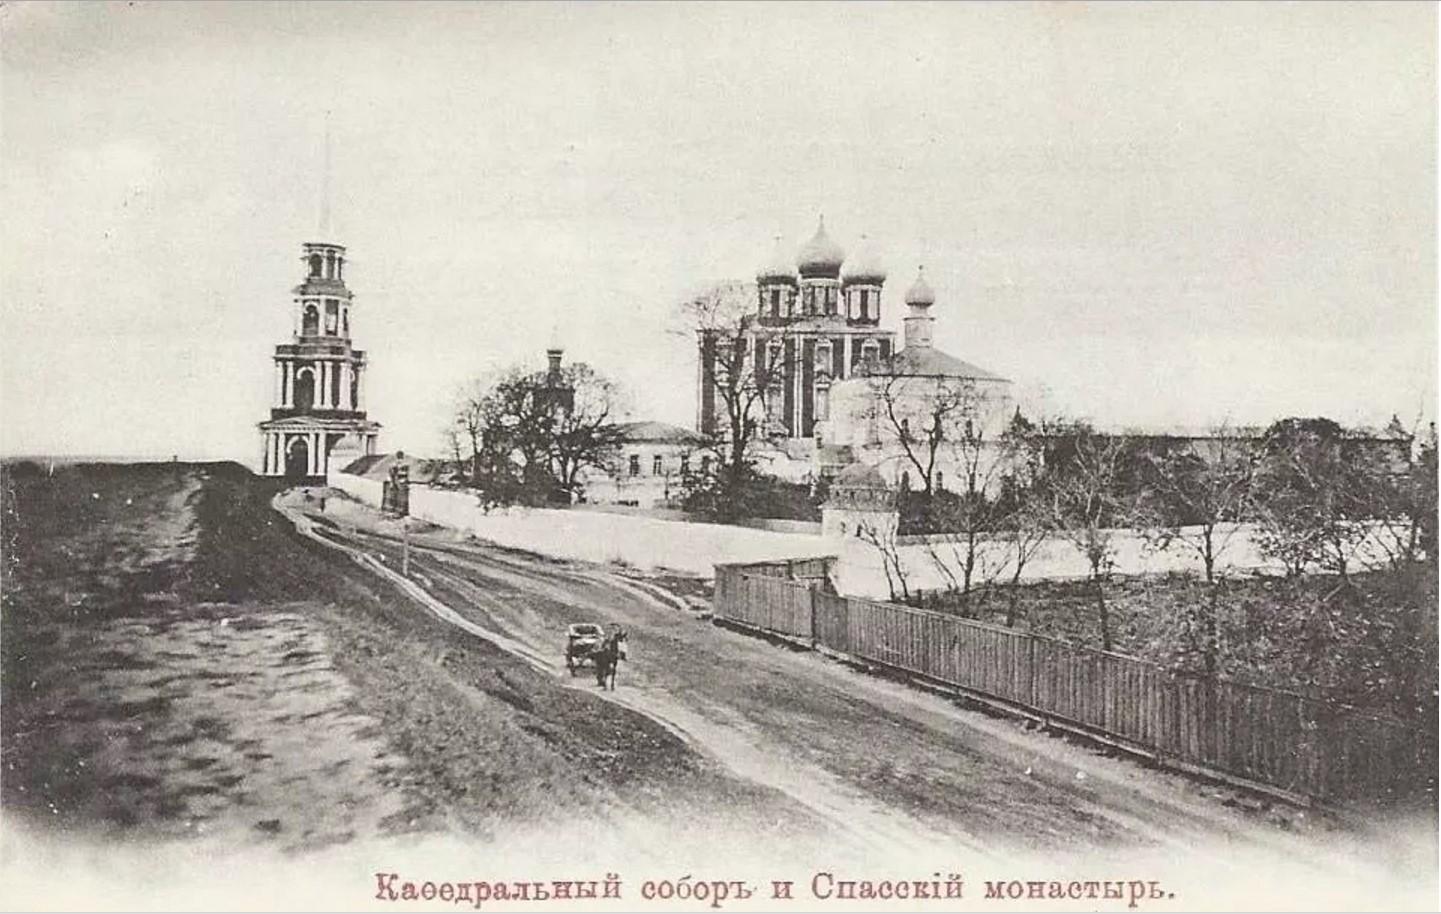 Кафедральный собор и Спасский монастырь